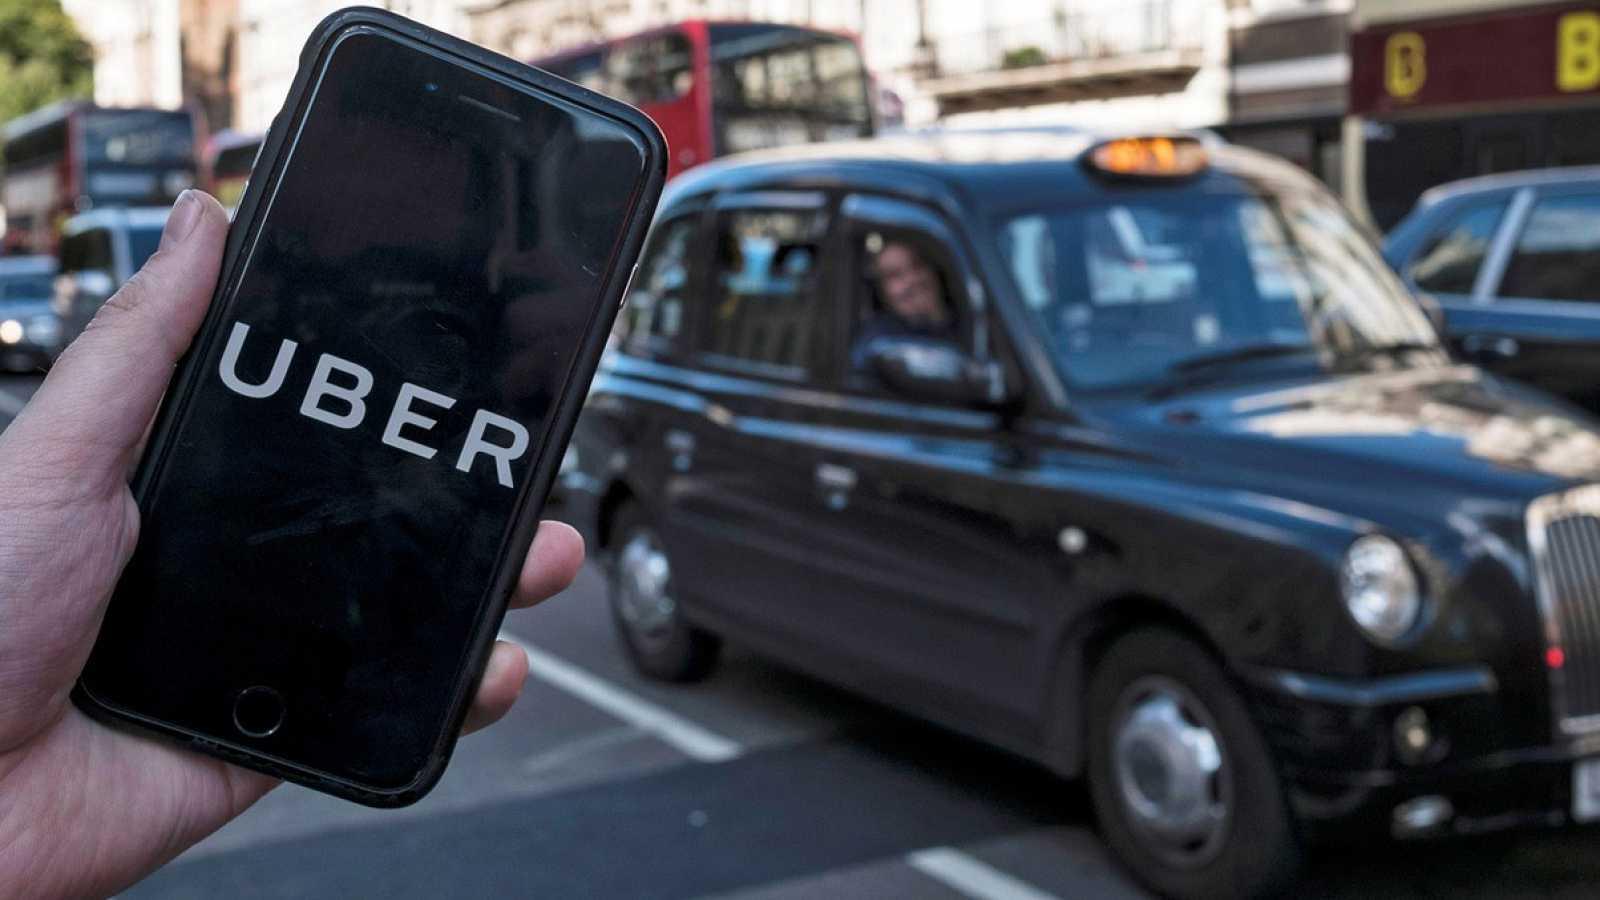 Un móvil con la aplicación de Uber frente a un taxi tradicional en Londres.EFE/EPA/WILL OLIVER